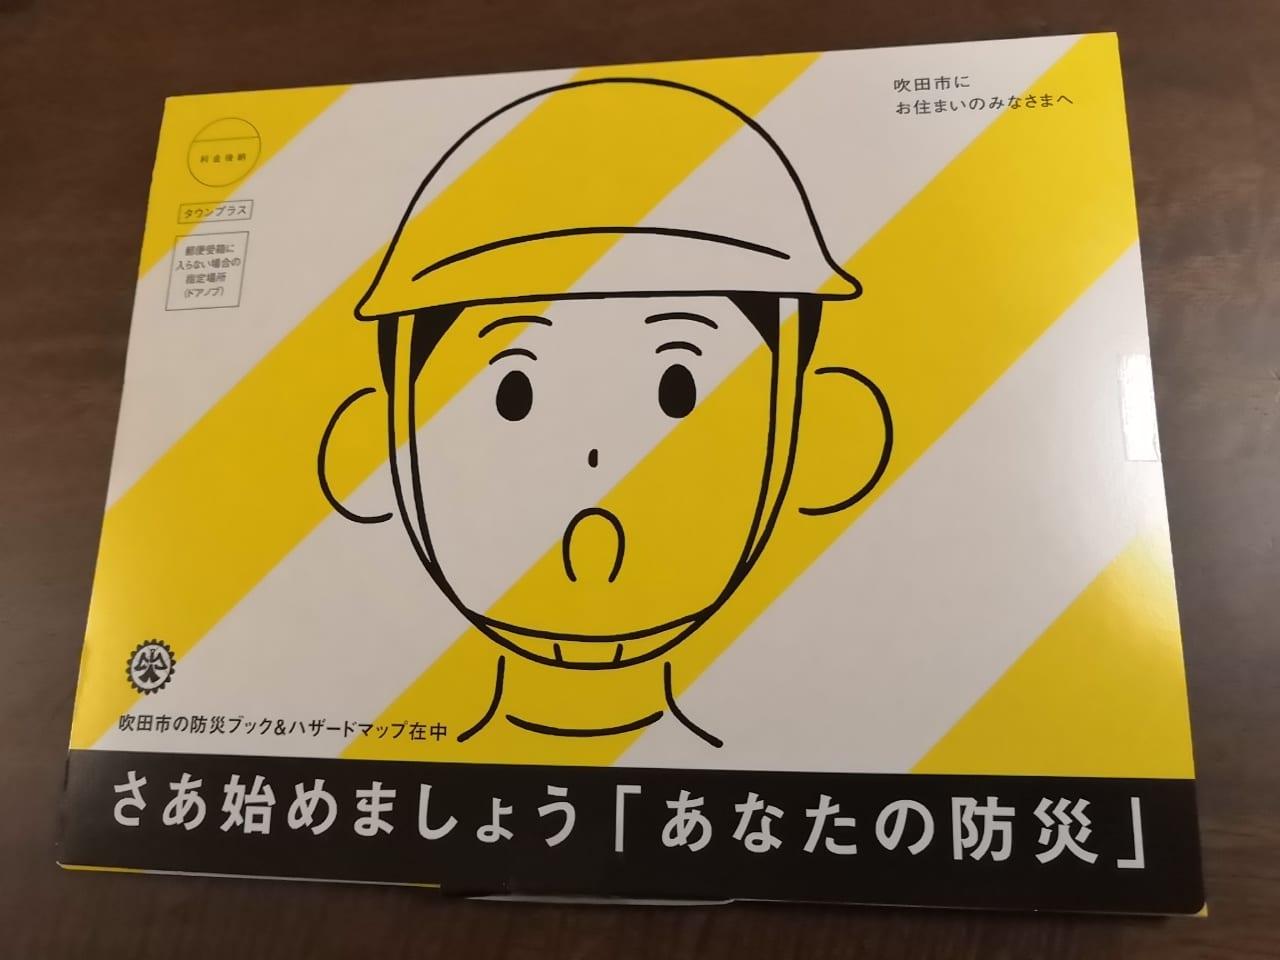 【吹田市】ご自宅に届いていますか!?吹田市のハザードマップが全戸配布されています!必ず確認して下さい!